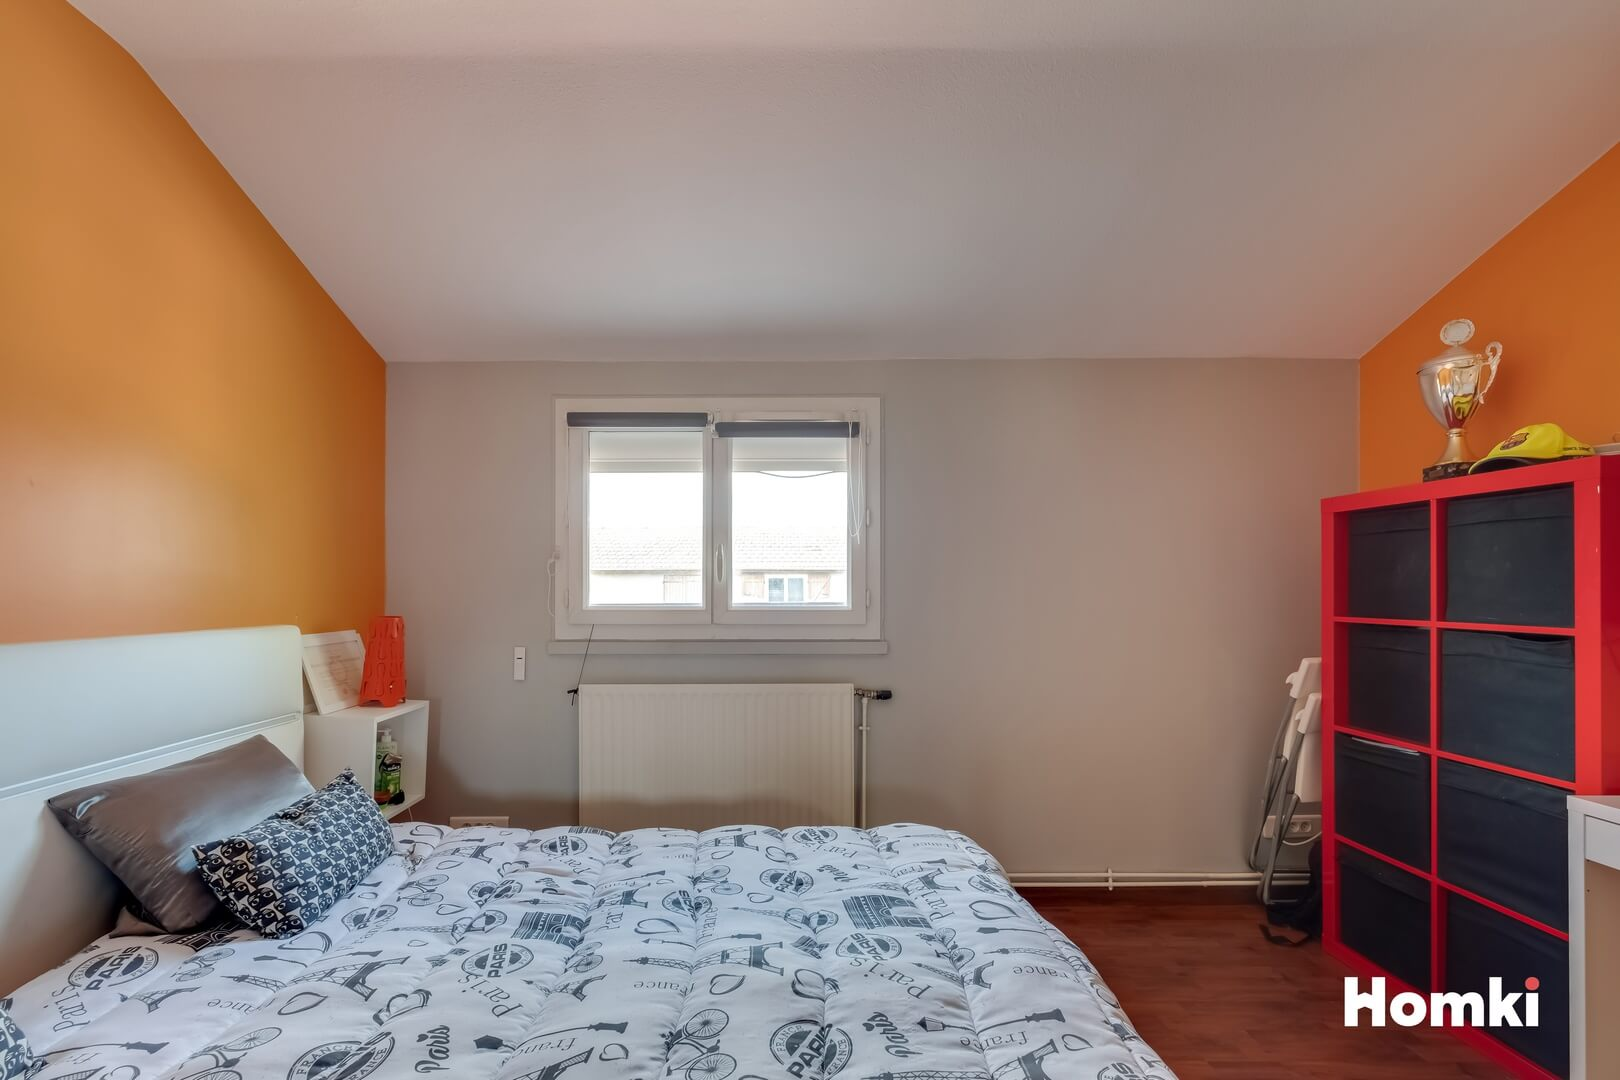 Homki - Vente Maison/villa  de 92.0 m² à Mions 69780